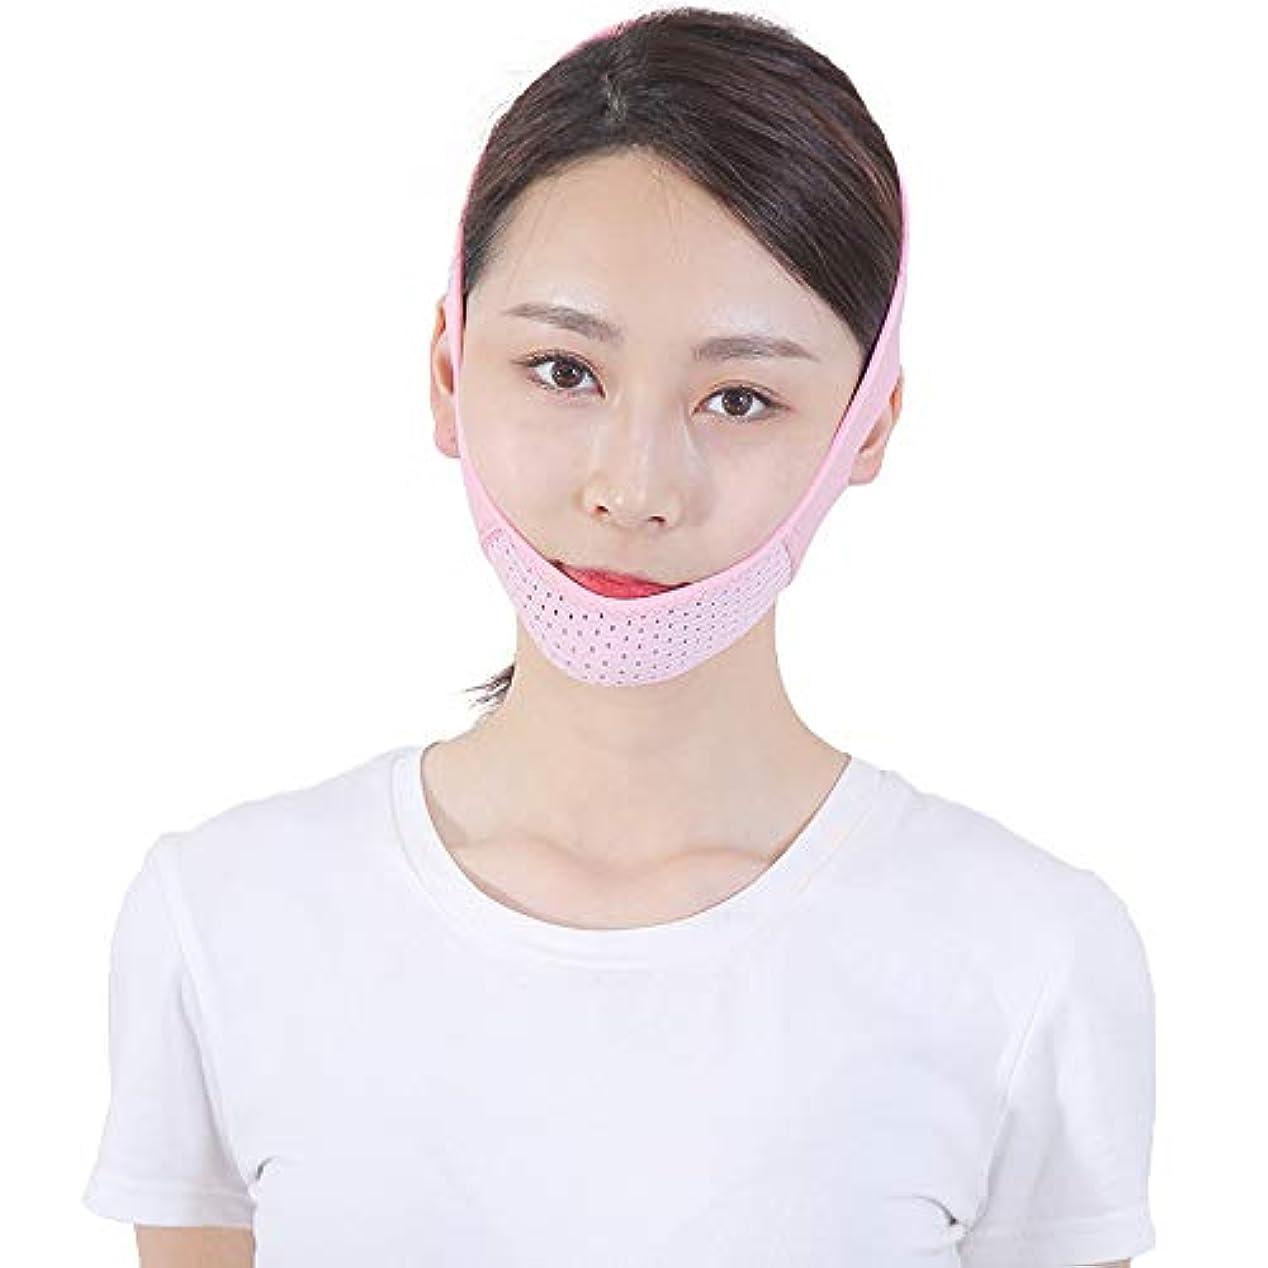 シリーズ献身些細フェイスリフトベルト 薄い顔のベルト - 薄い顔のベルト通気性のある顔の包帯ダブルチンの顔リフトの人工物Vのフェイスベルト薄い顔のマスク